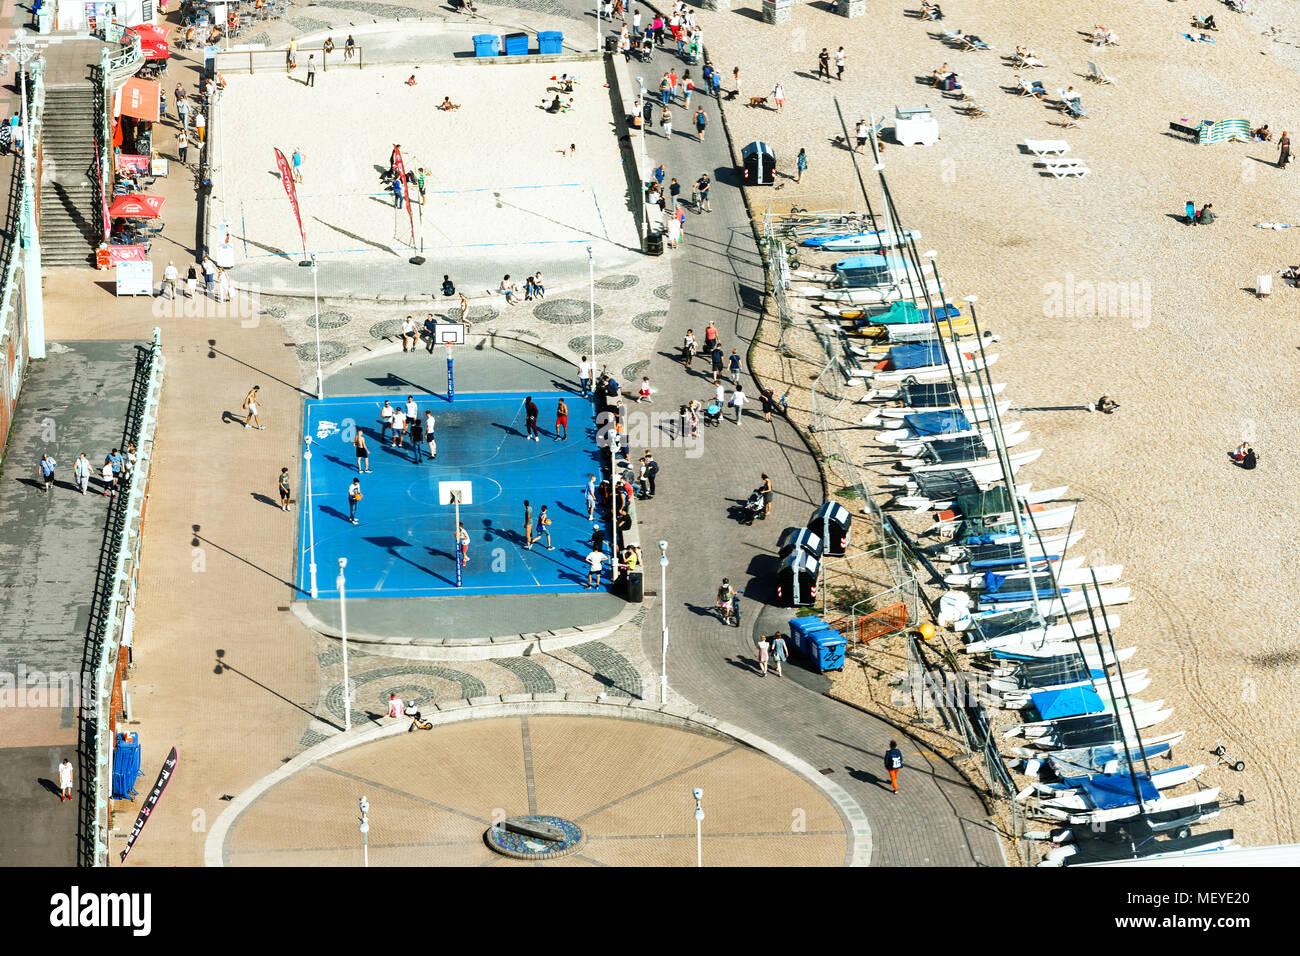 Luftaufnahme von Brighton, Leute spielen Basketball auf Hof, Parkplatz für Yachten Stockbild